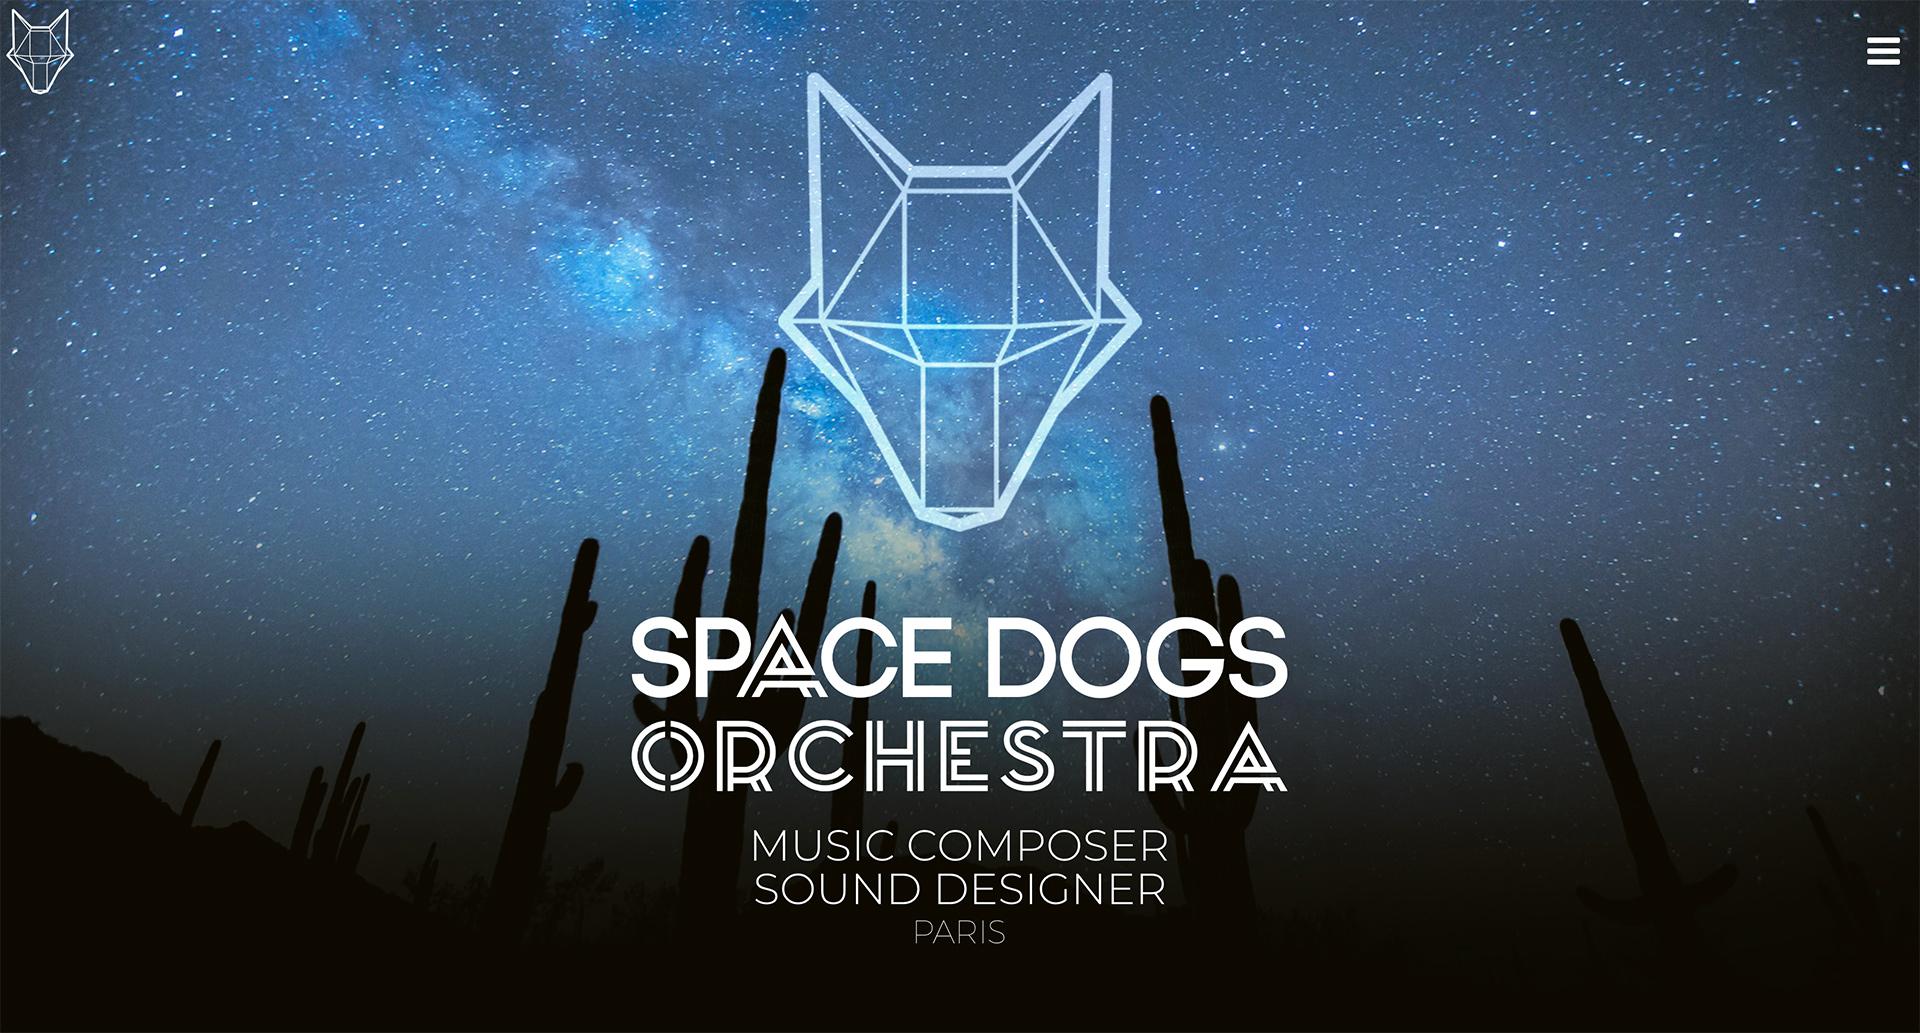 Webdesign et développpement pour un studio de composition musicale - sound design à Paris